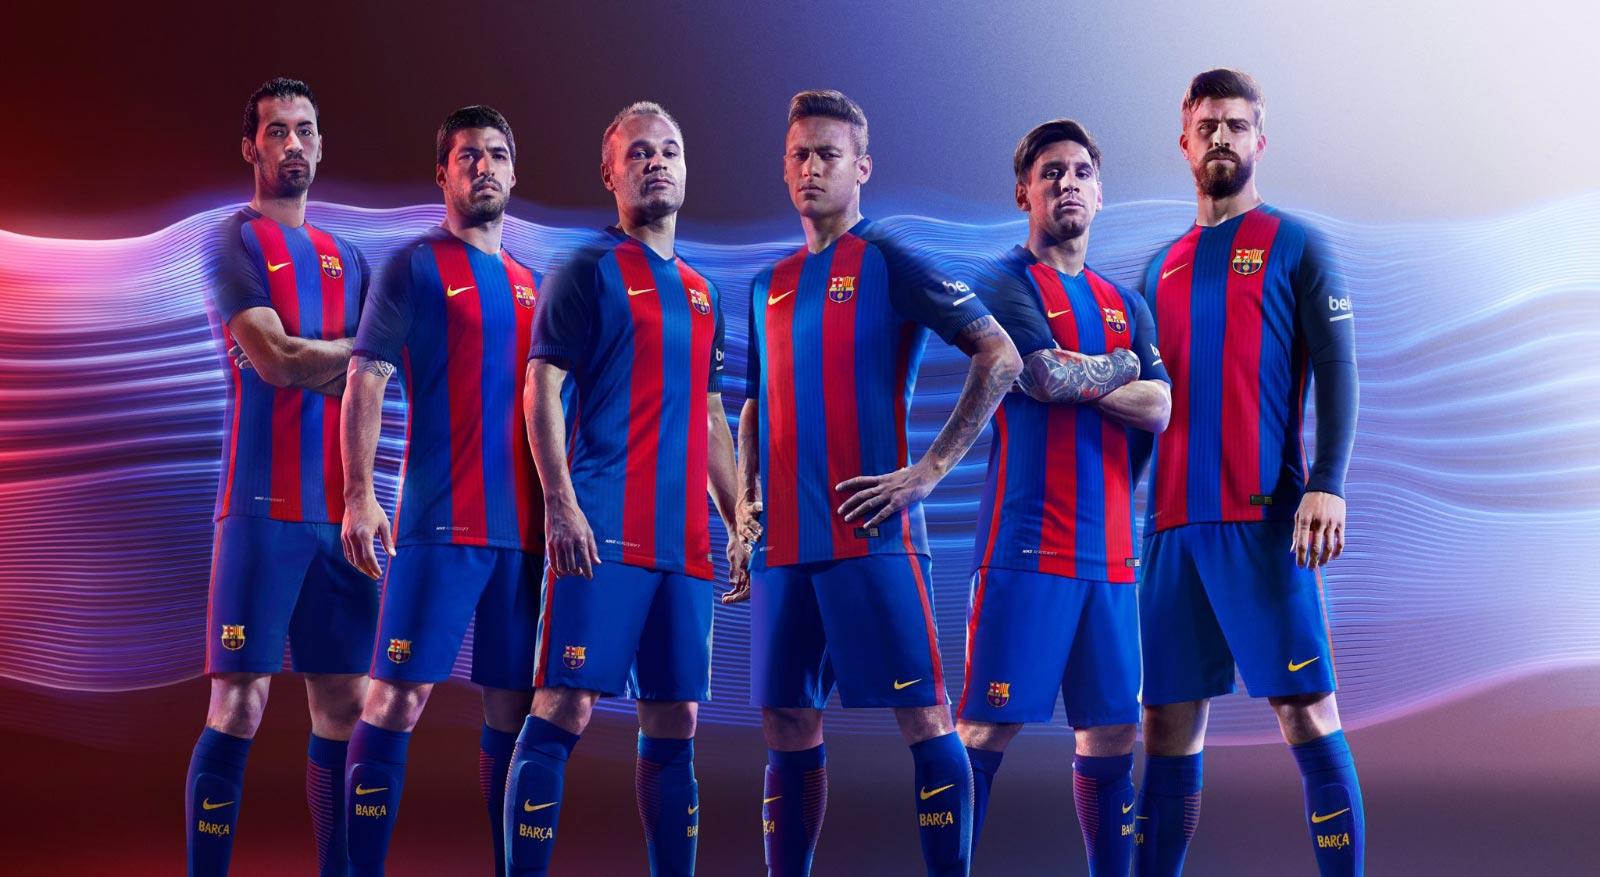 3b3a9859b0 Los jugadores del FC Barcelona presentan su nueva camiseta